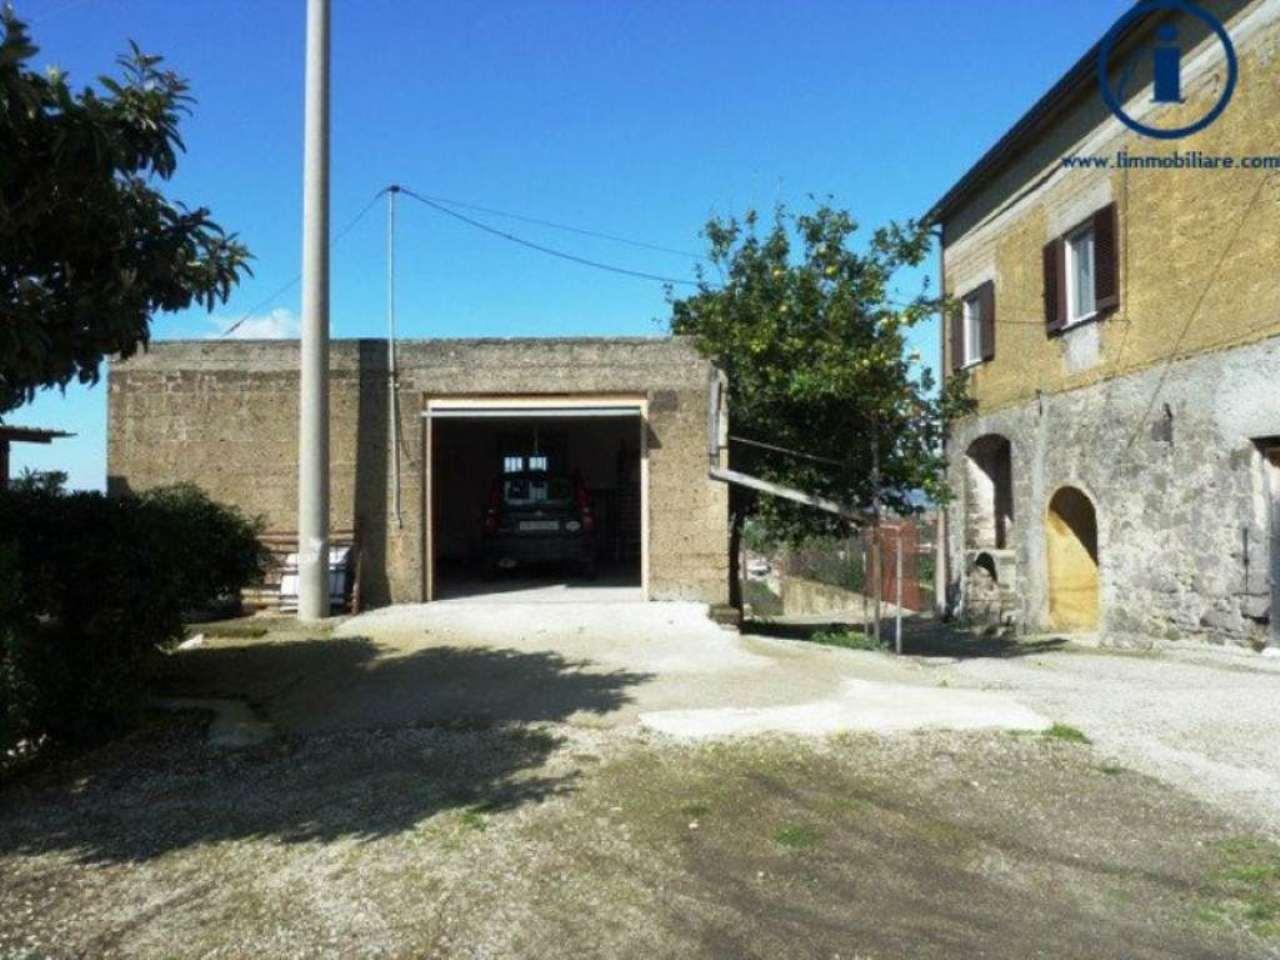 Sant'Agata de' Goti Vendita PORZIONE DI CASA Immagine 1